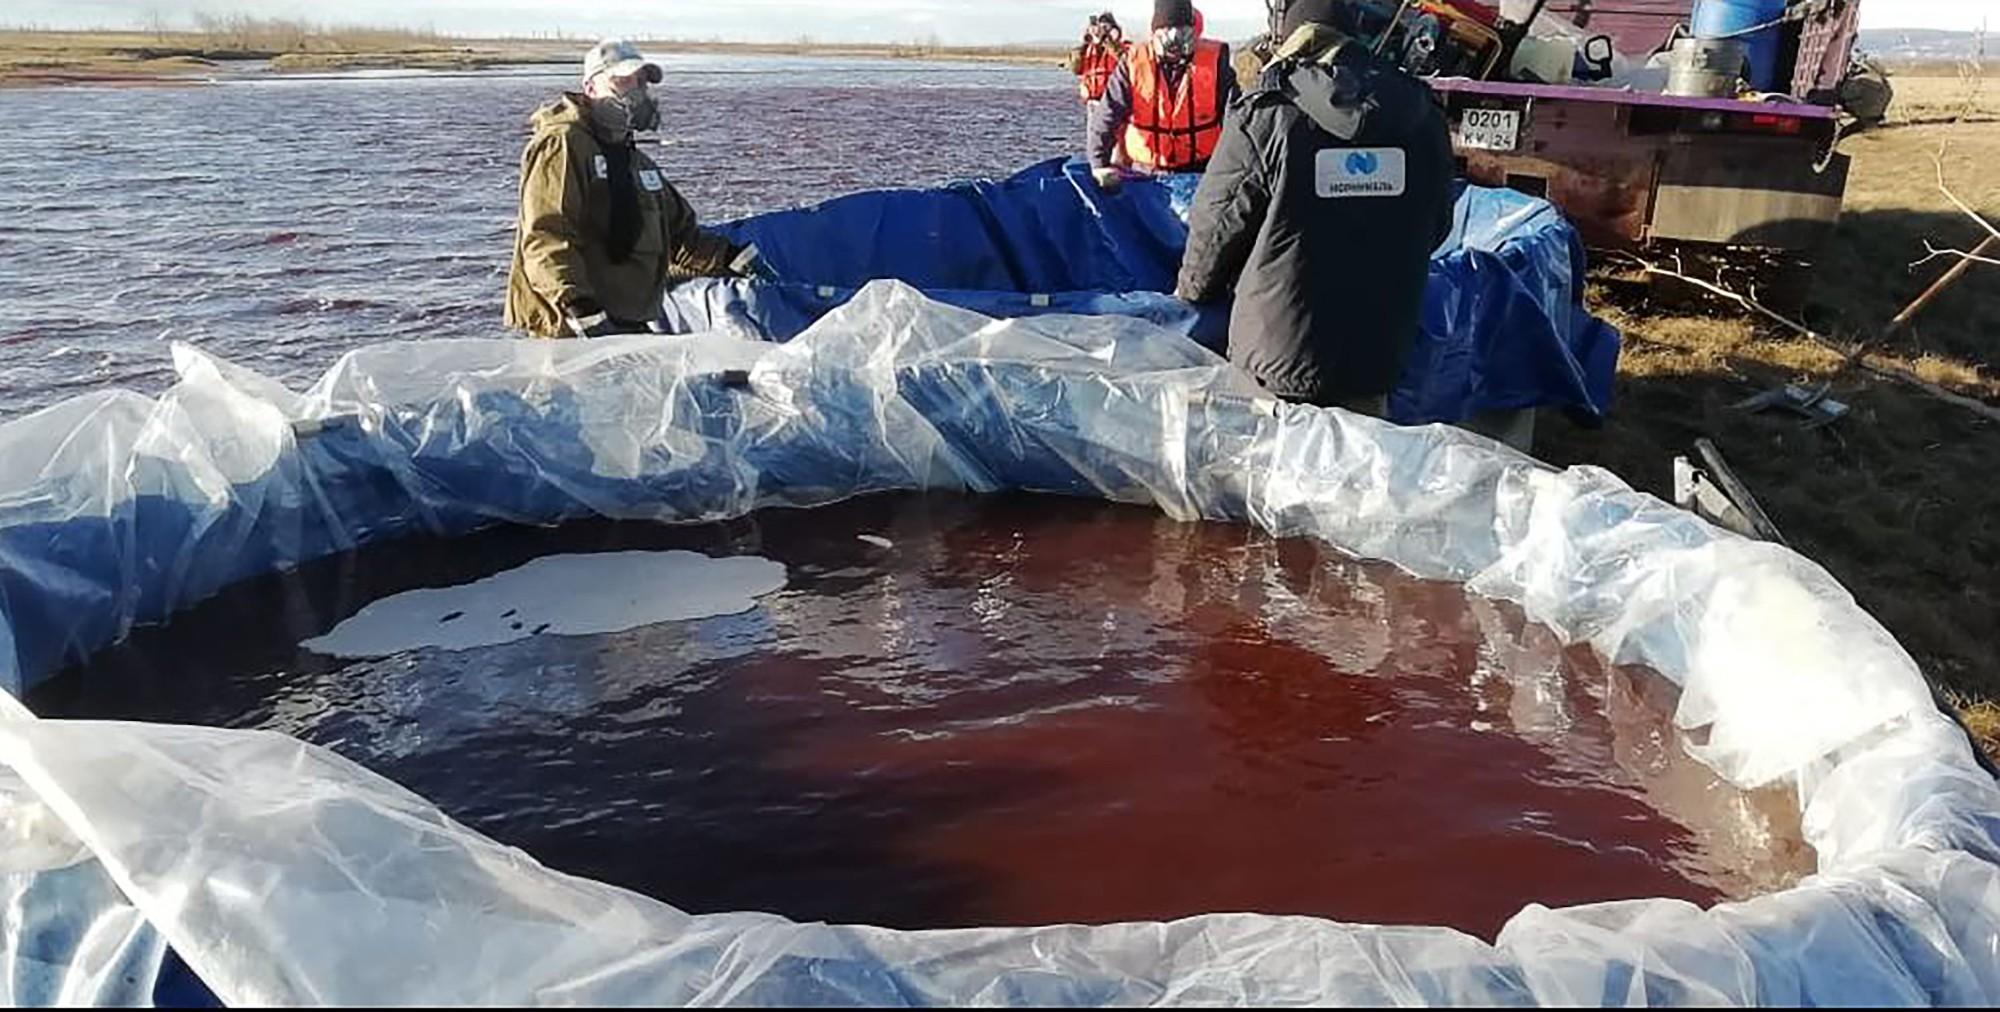 Vladimir Putin declara estado de emergência na Sibéria após vazamento de diesel em rio